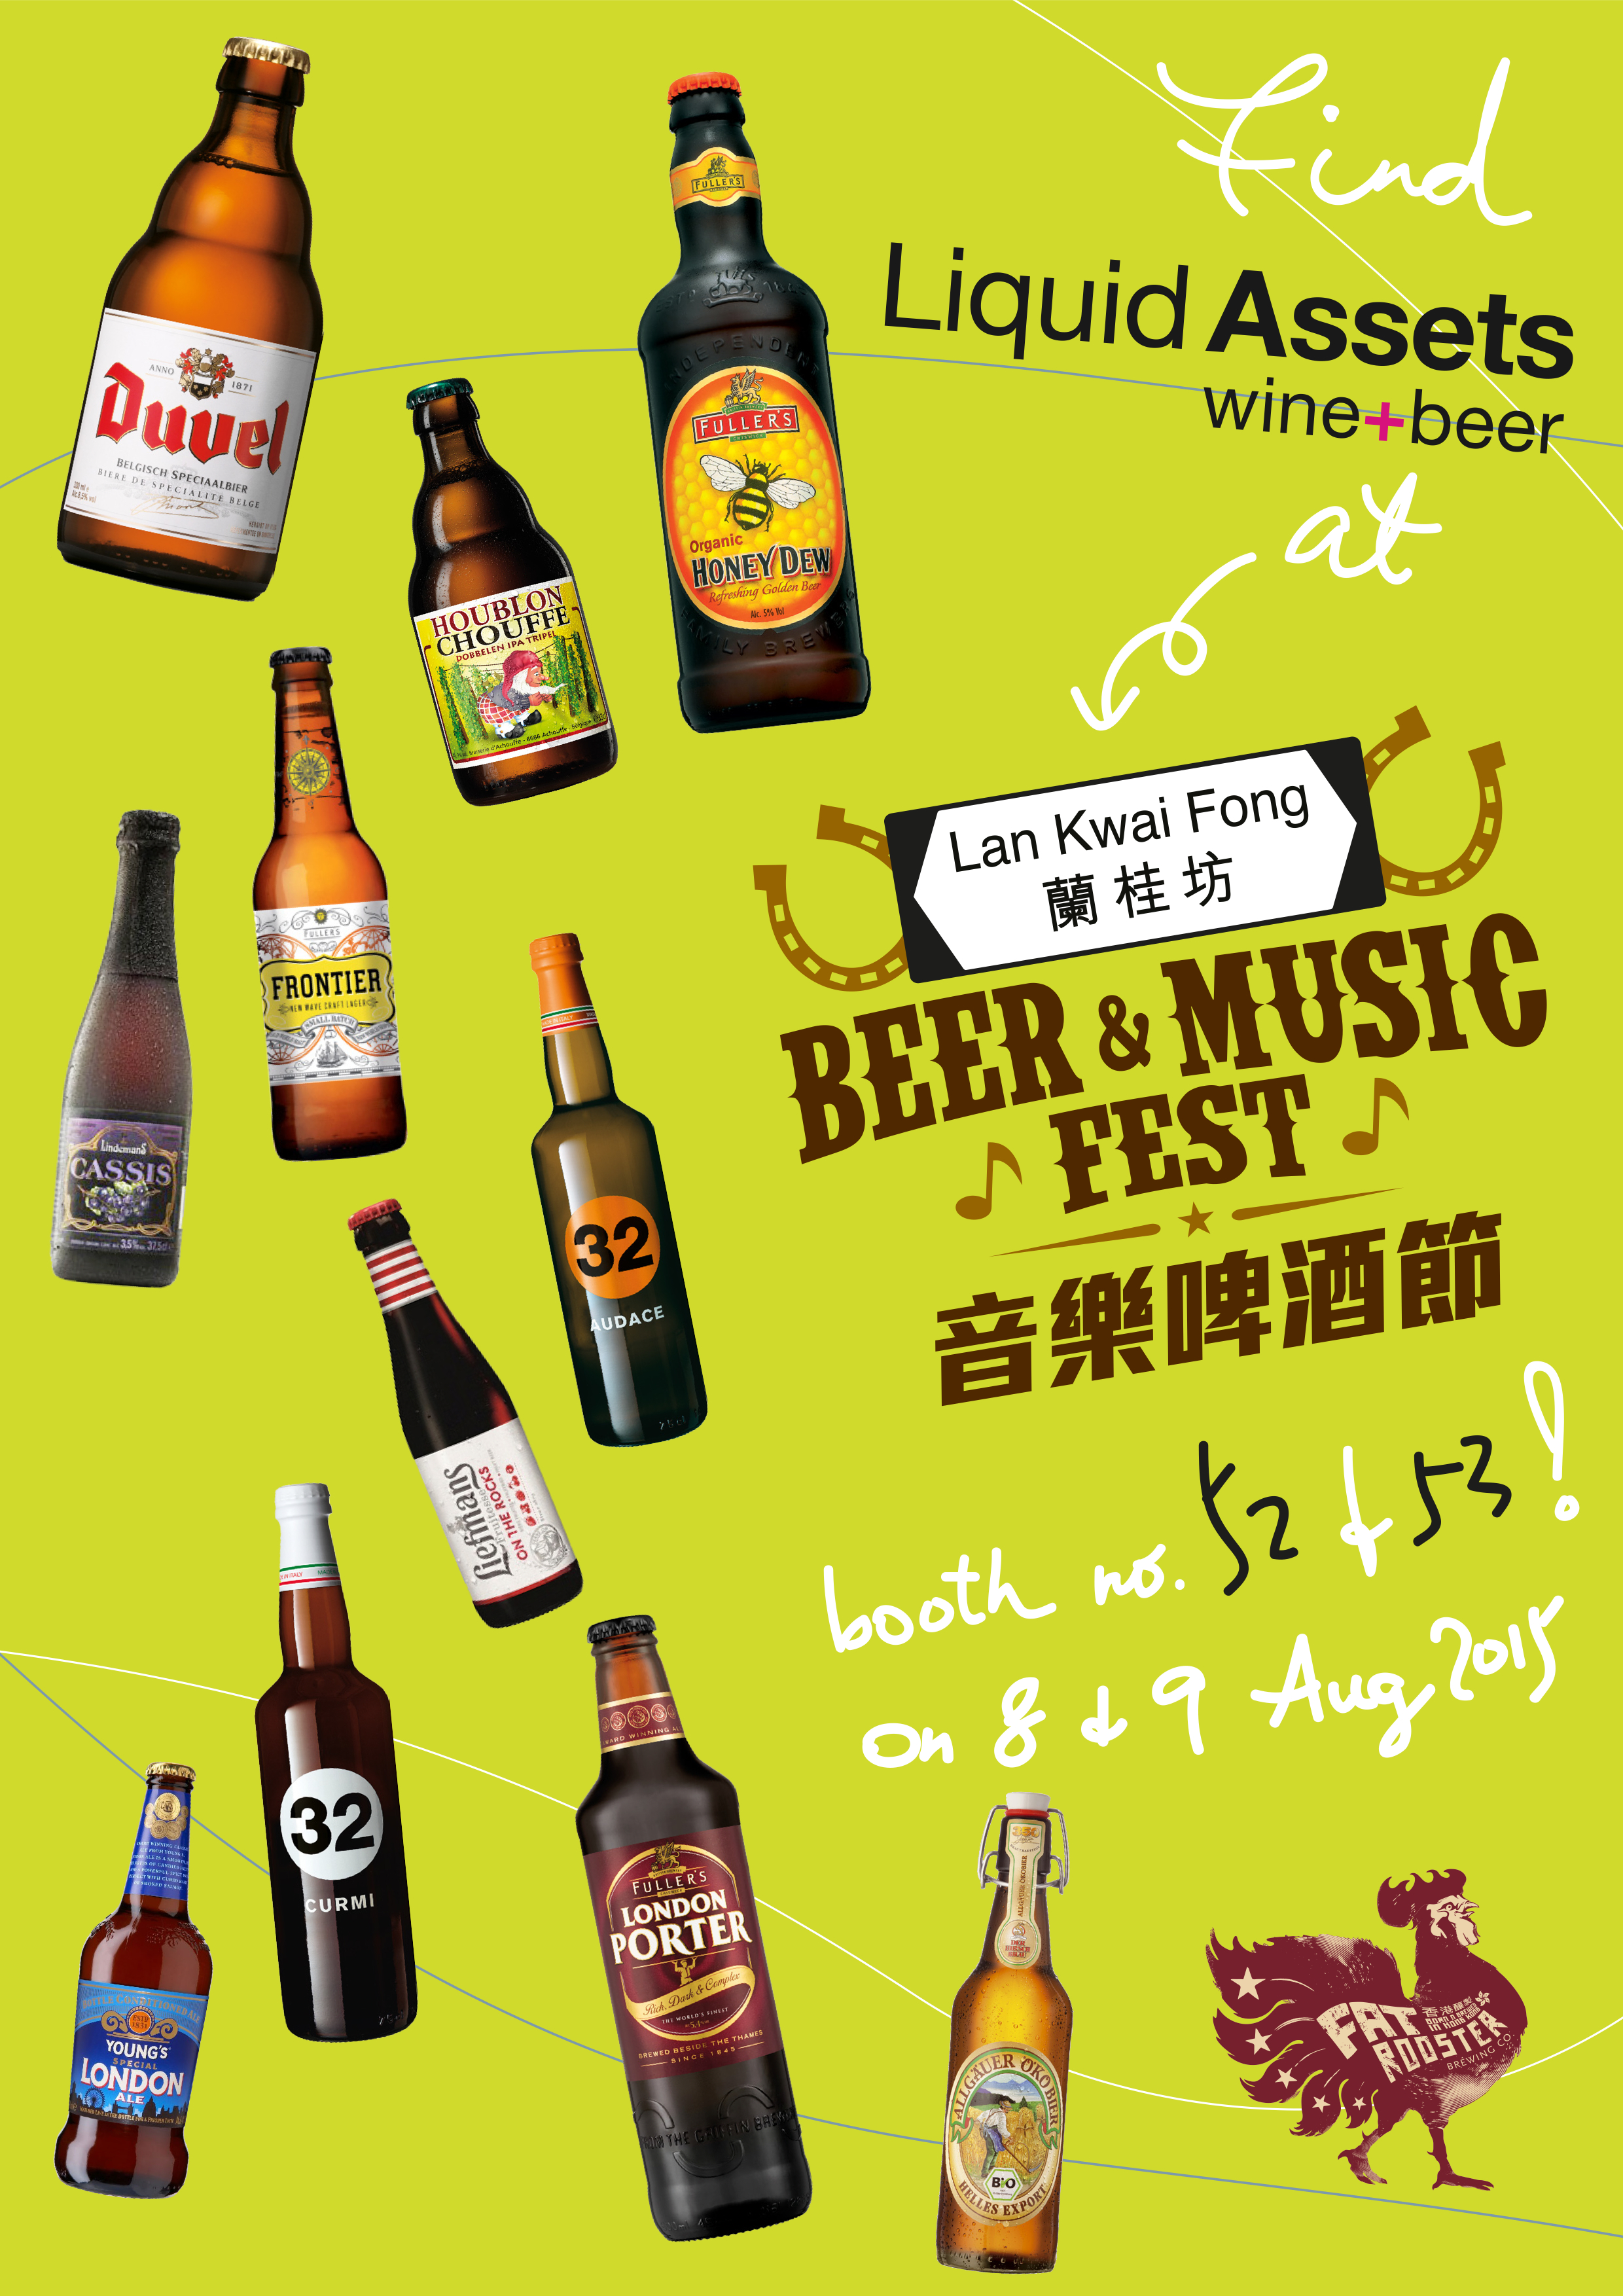 LKF Beer & Music Festival 2015 EDM